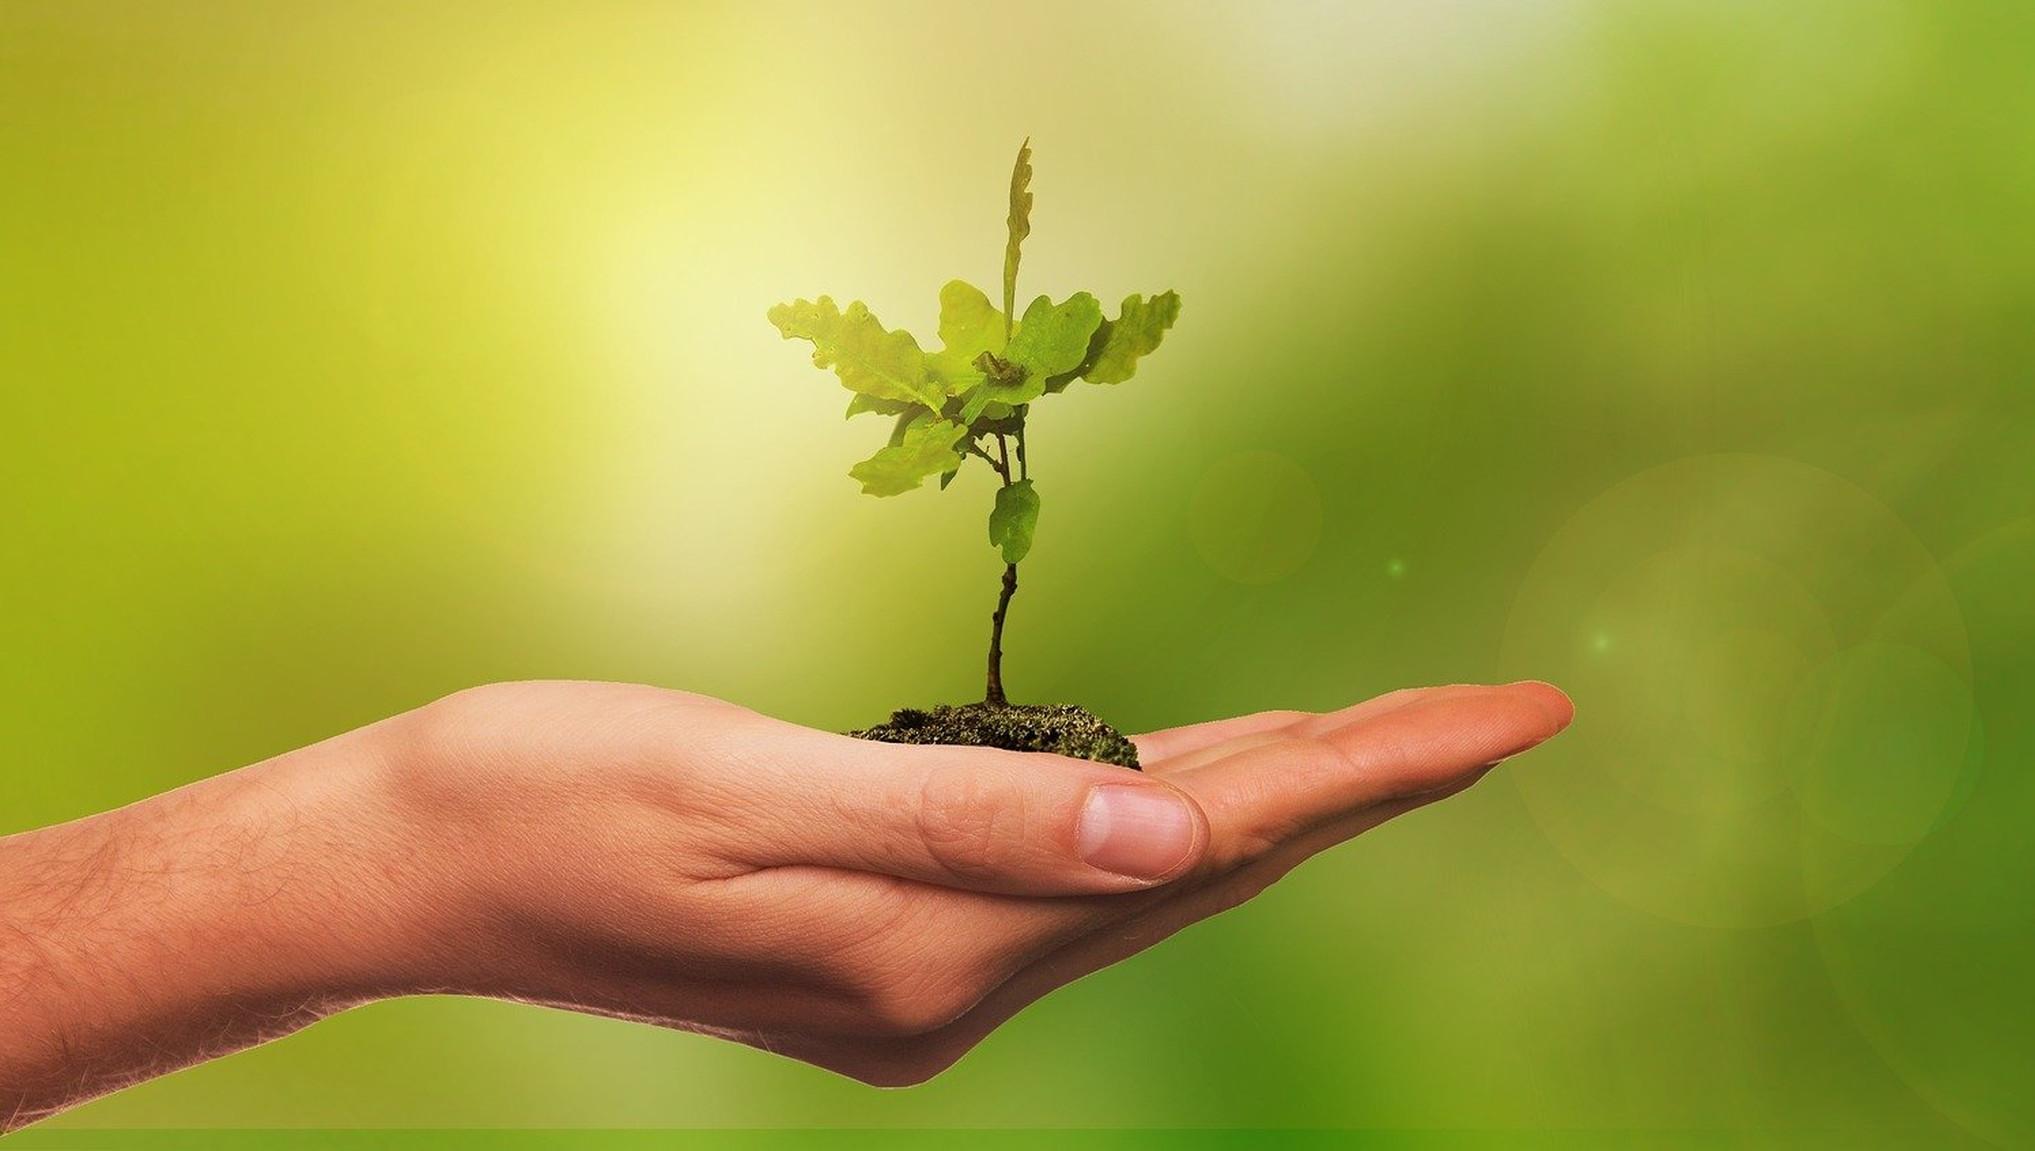 Жителям Тверской области предлагают посадить лес в честь Дня Победы - новости Афанасий